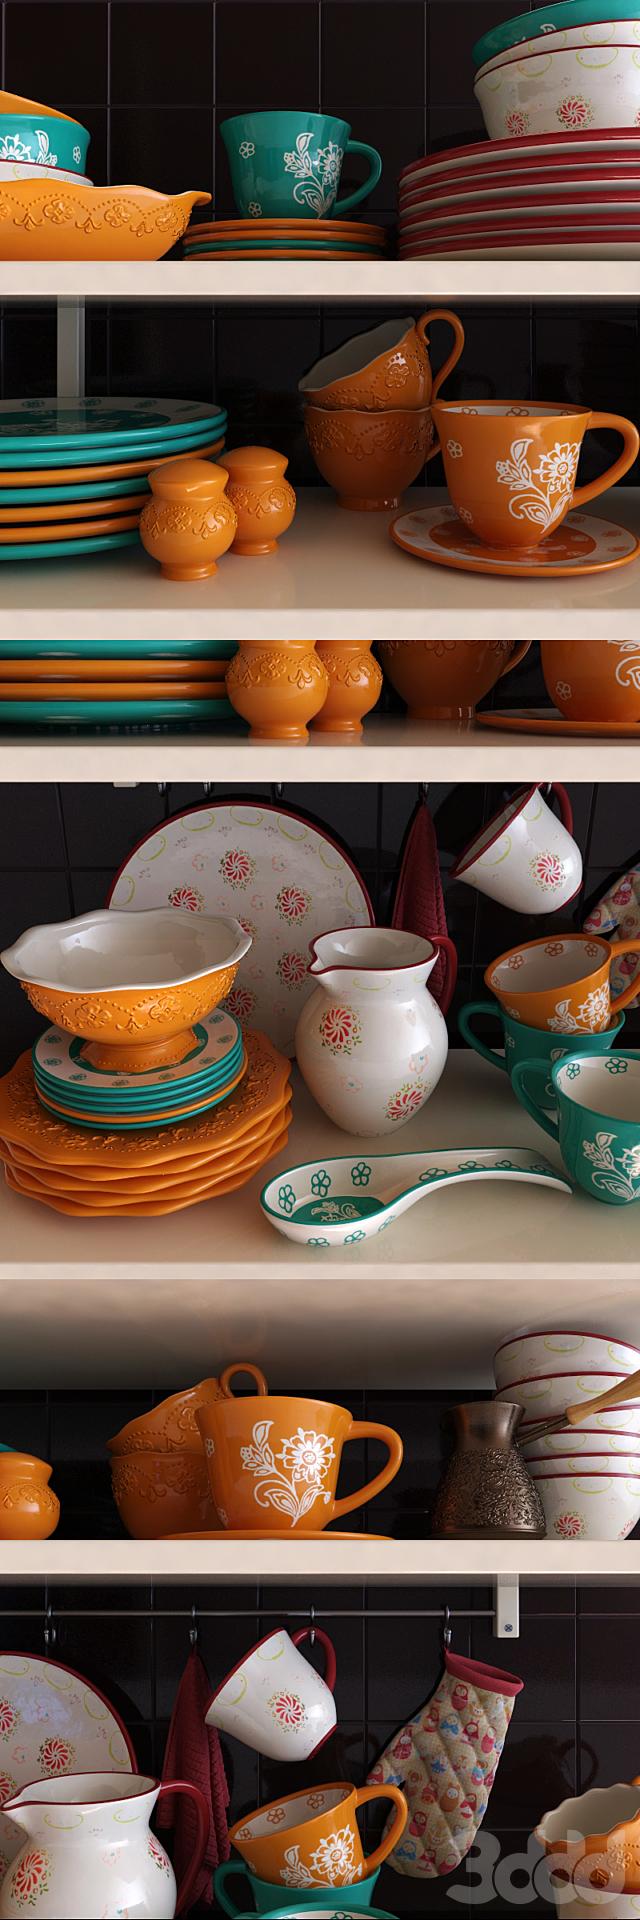 Набор посуды Elan Gallery